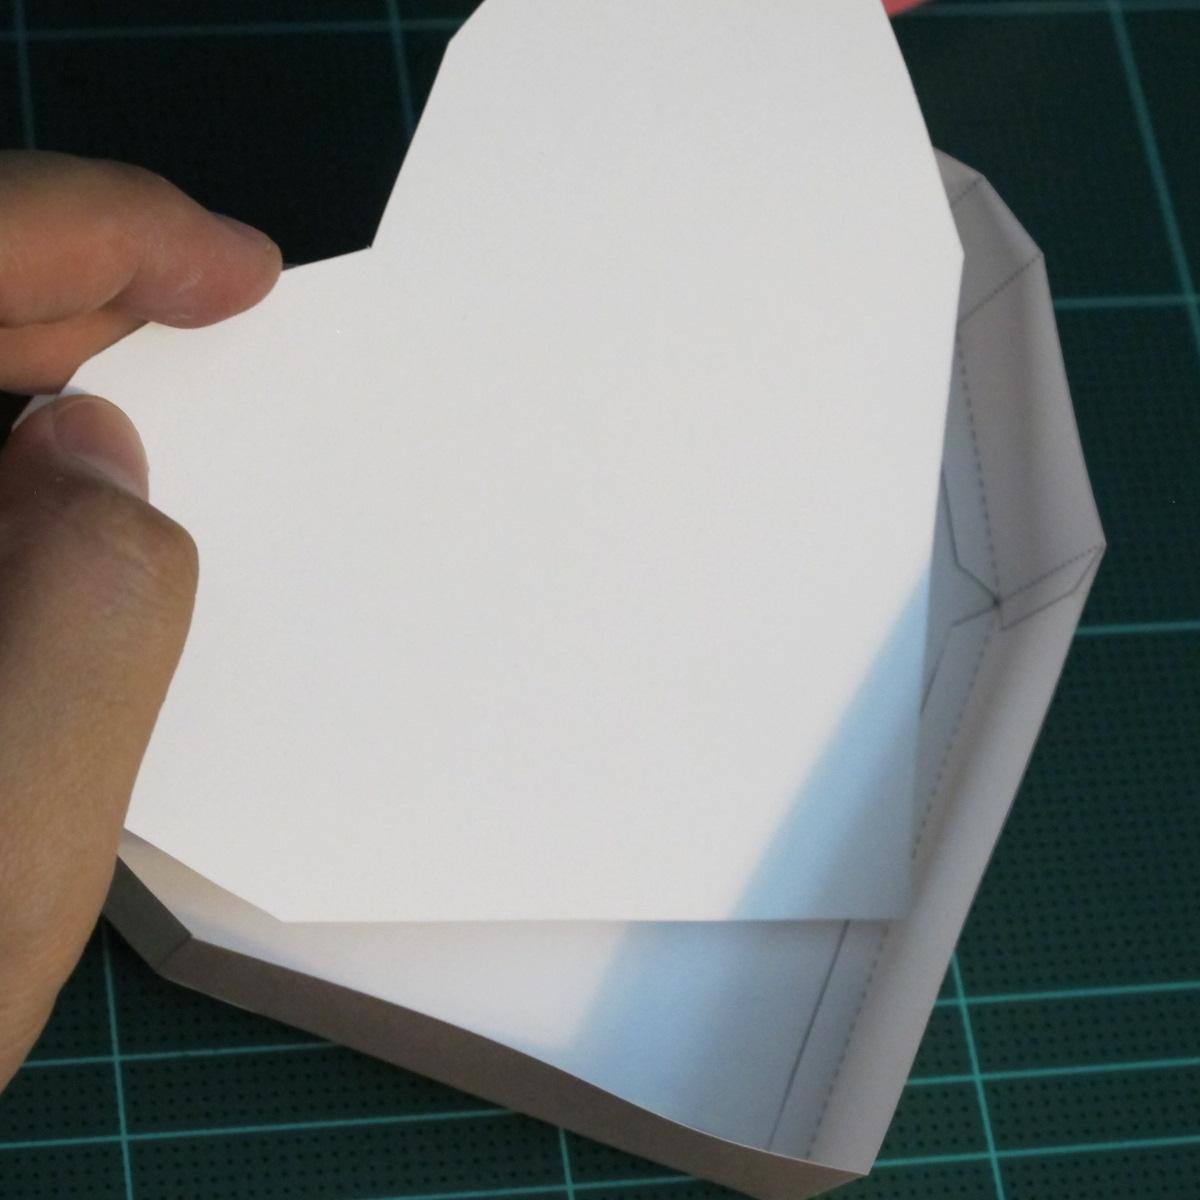 วิธีทำโมเดลกระดาษเป็นกล่องของขวัญรูปหัวใจ (Heart Box Papercraft Model) 014